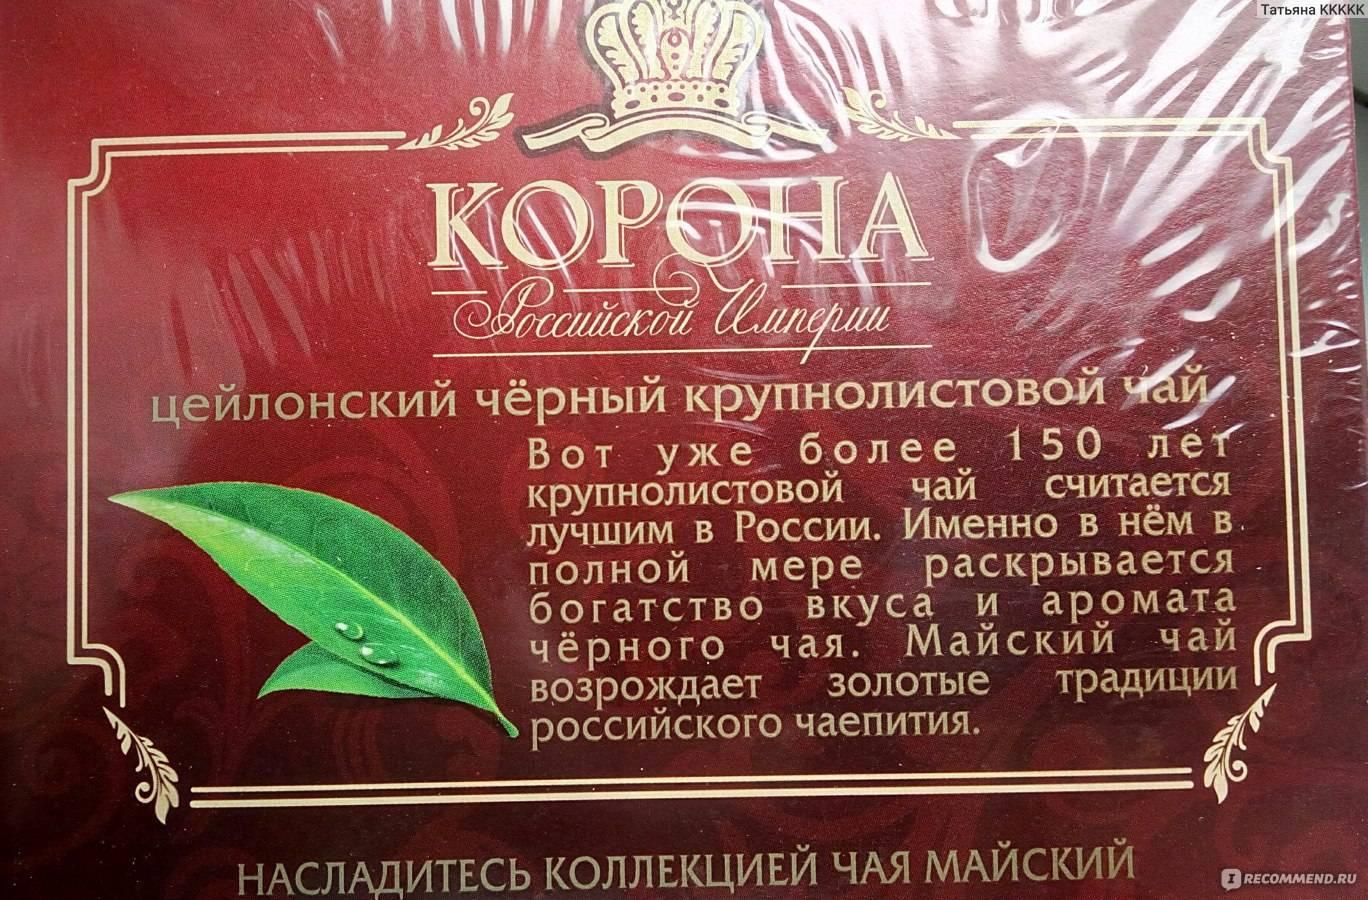 ☕самые хорошие сорта зеленого чая: от элитных до бюджетных